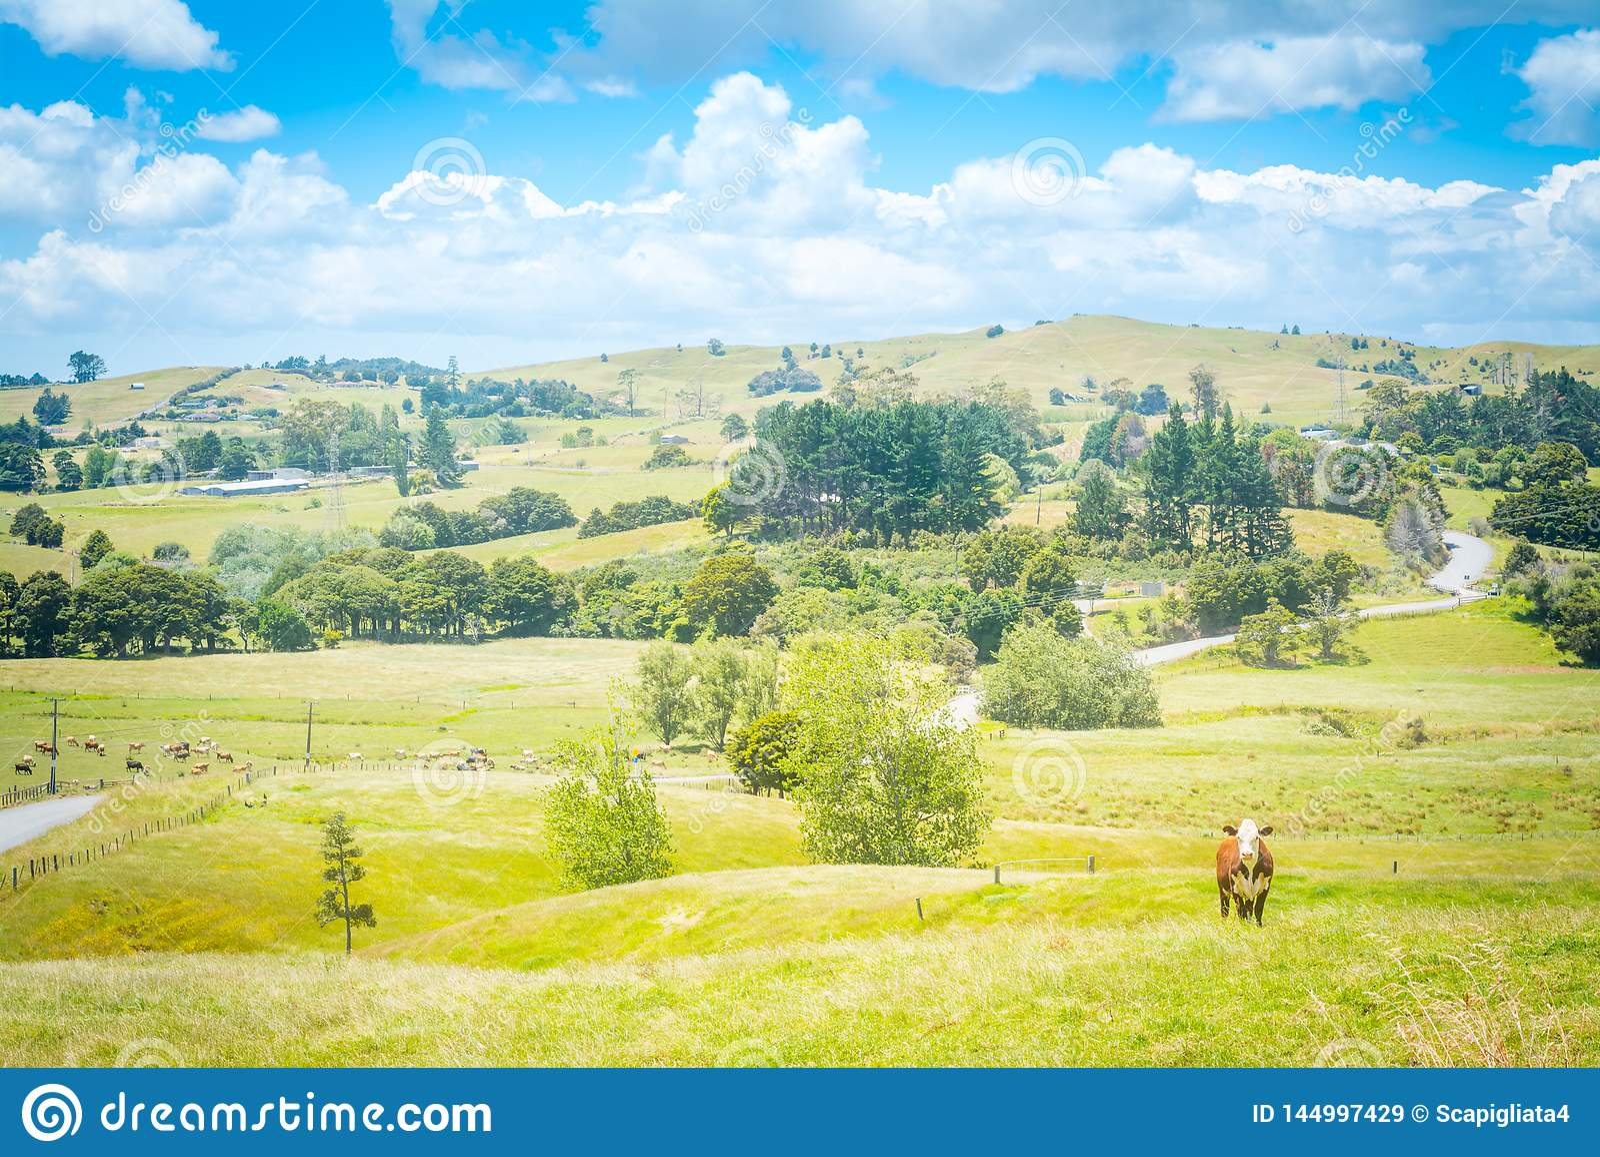 Det Idillic landslandskapet med en röd ko som ser rak in i kamera från en frodig gräsplan, betar av gräs